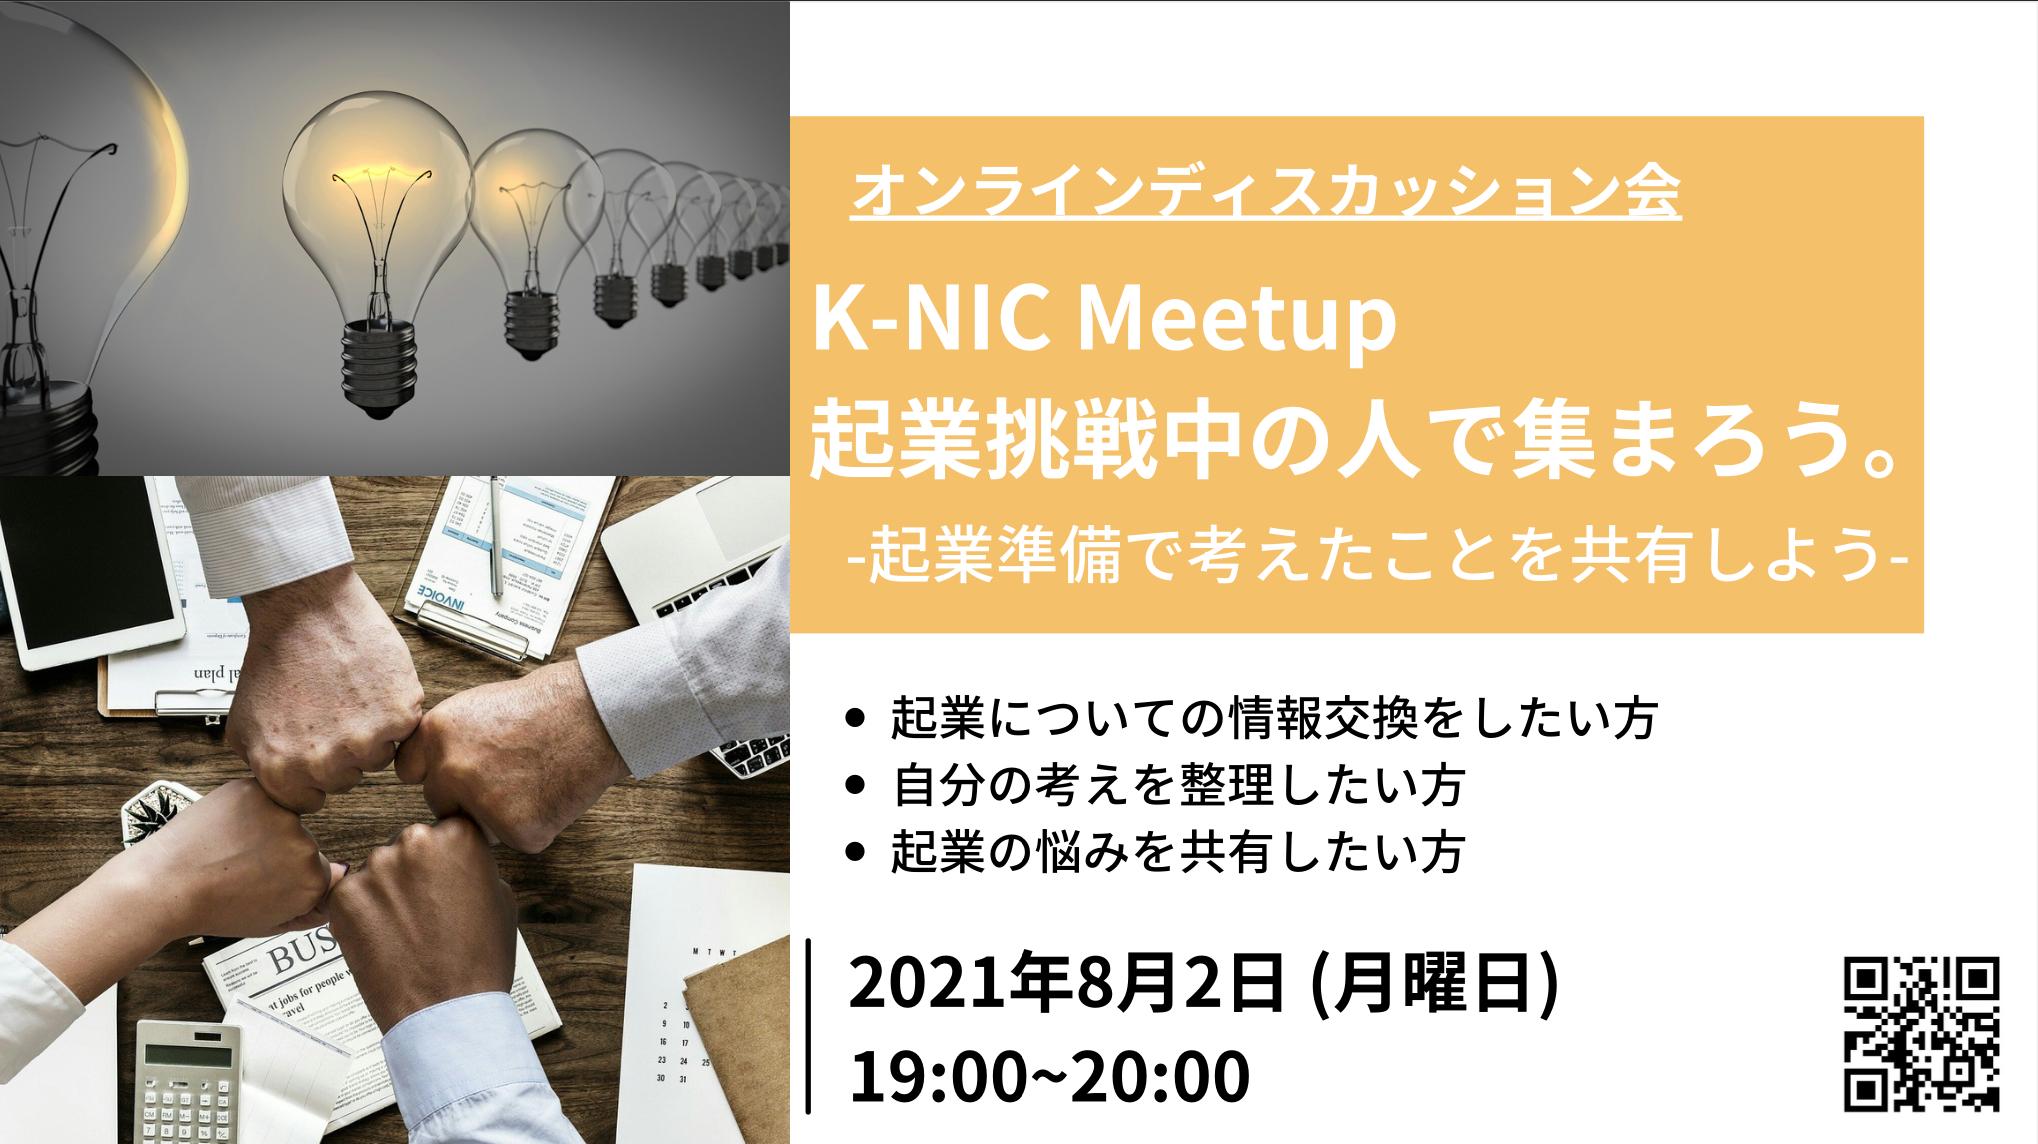 【8/2開催】 K-NIC Meetup 起業挑戦中の人で集まろう